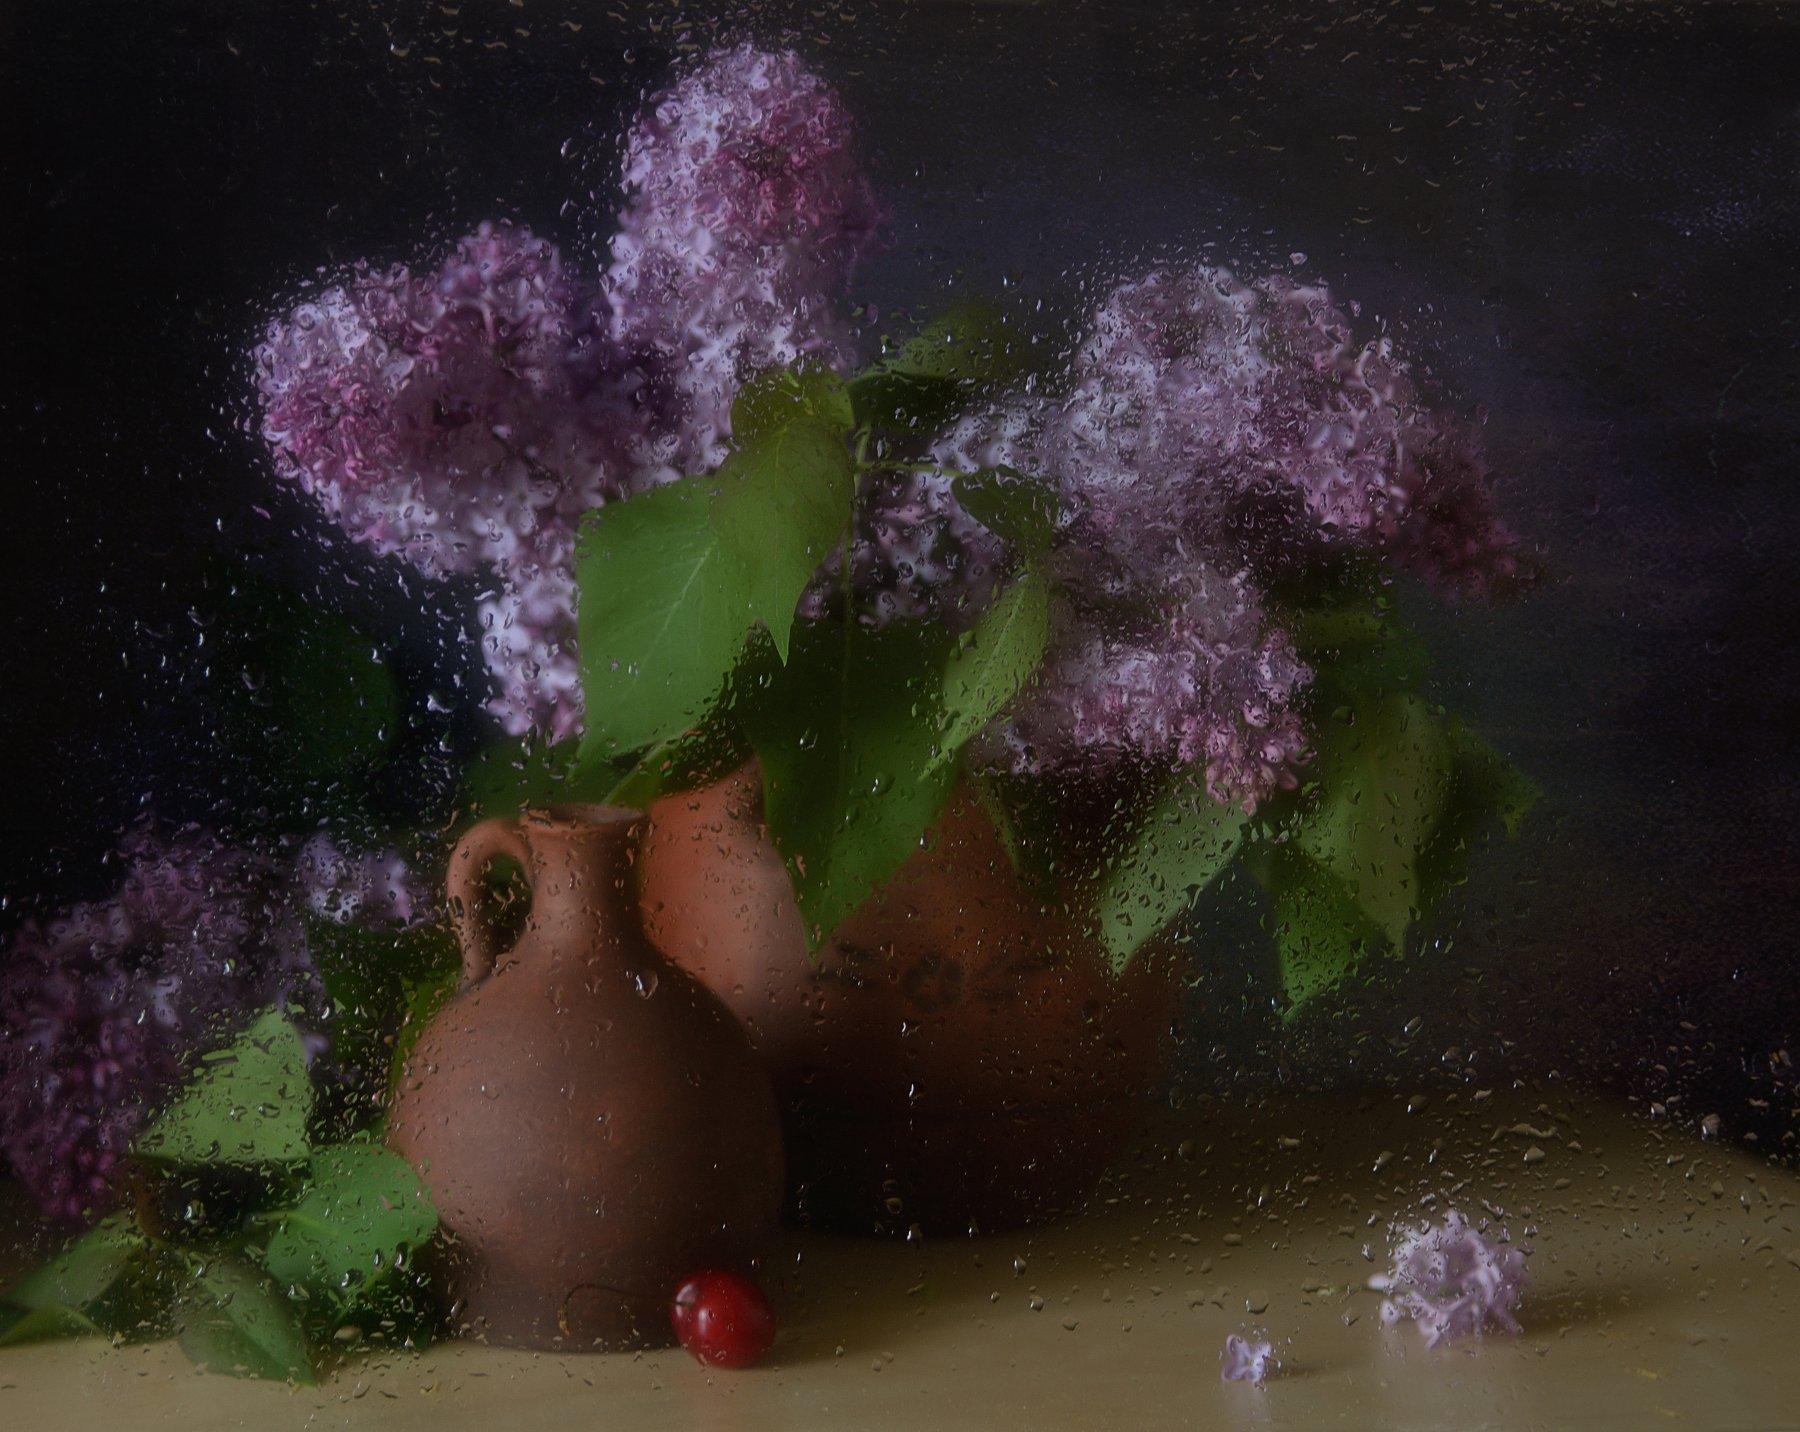 натюрморт,сирень,цветы,капли, Наталия К